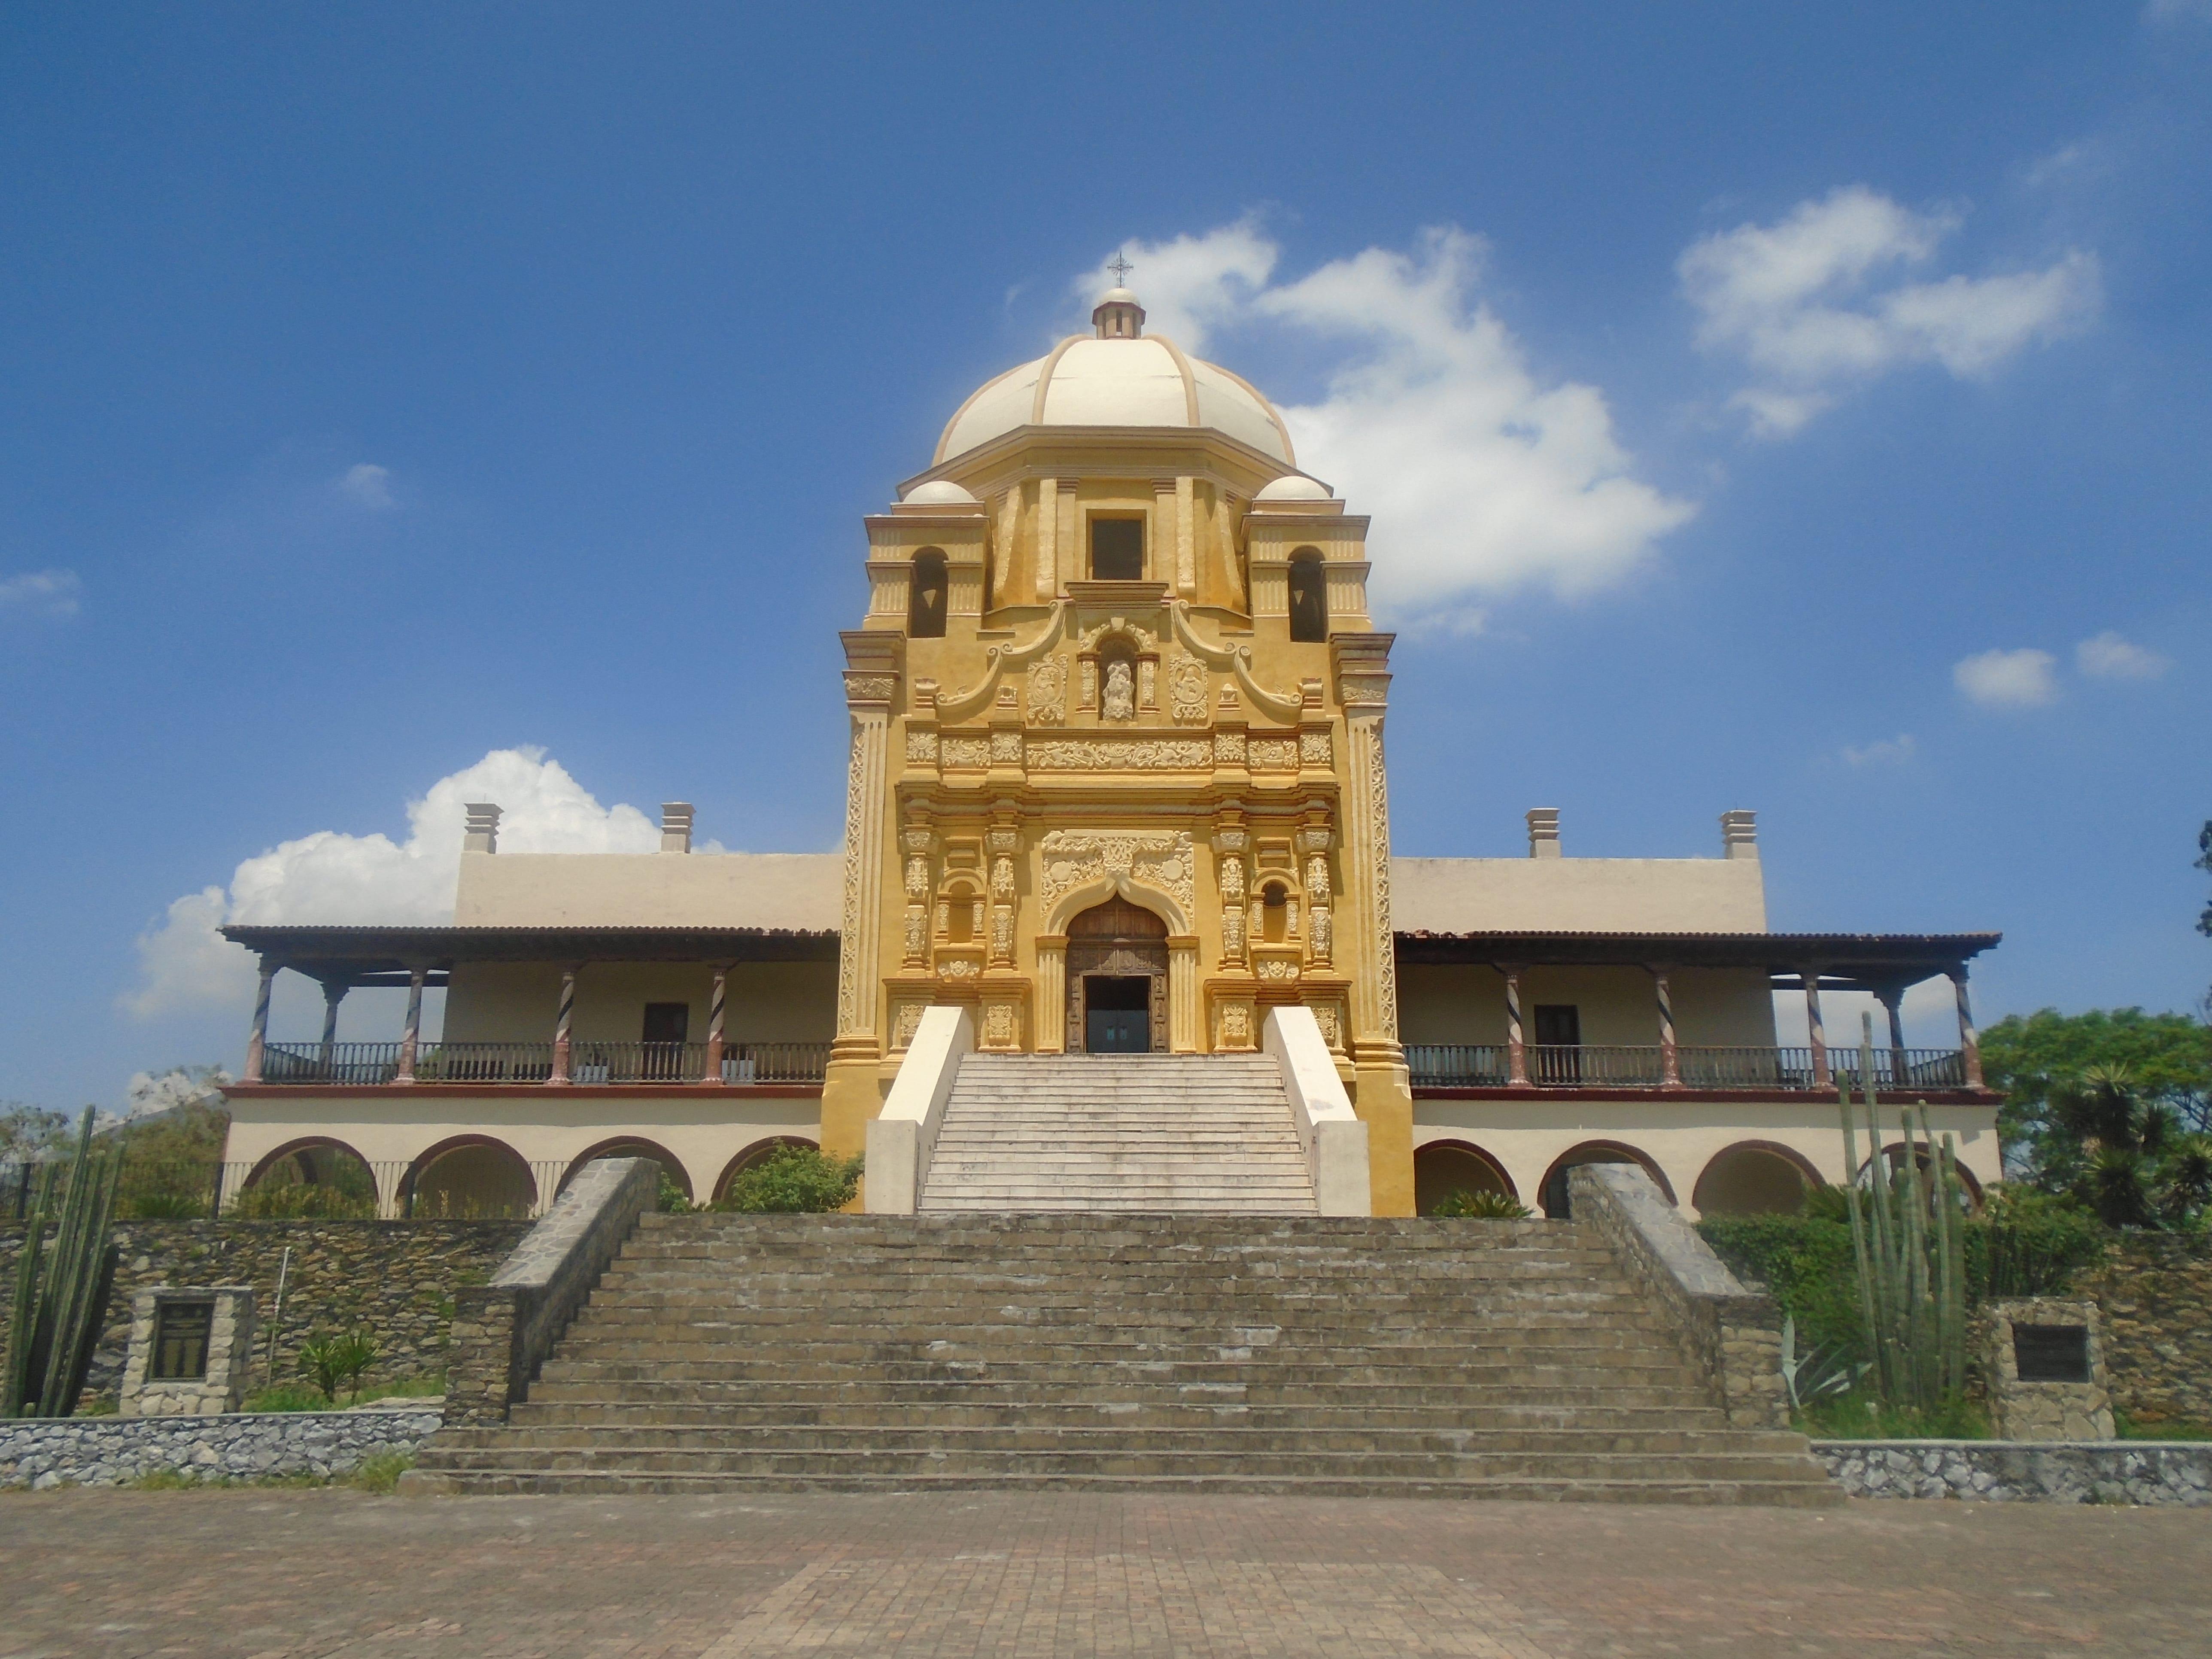 Palacio del Obispado | Courtesy of author